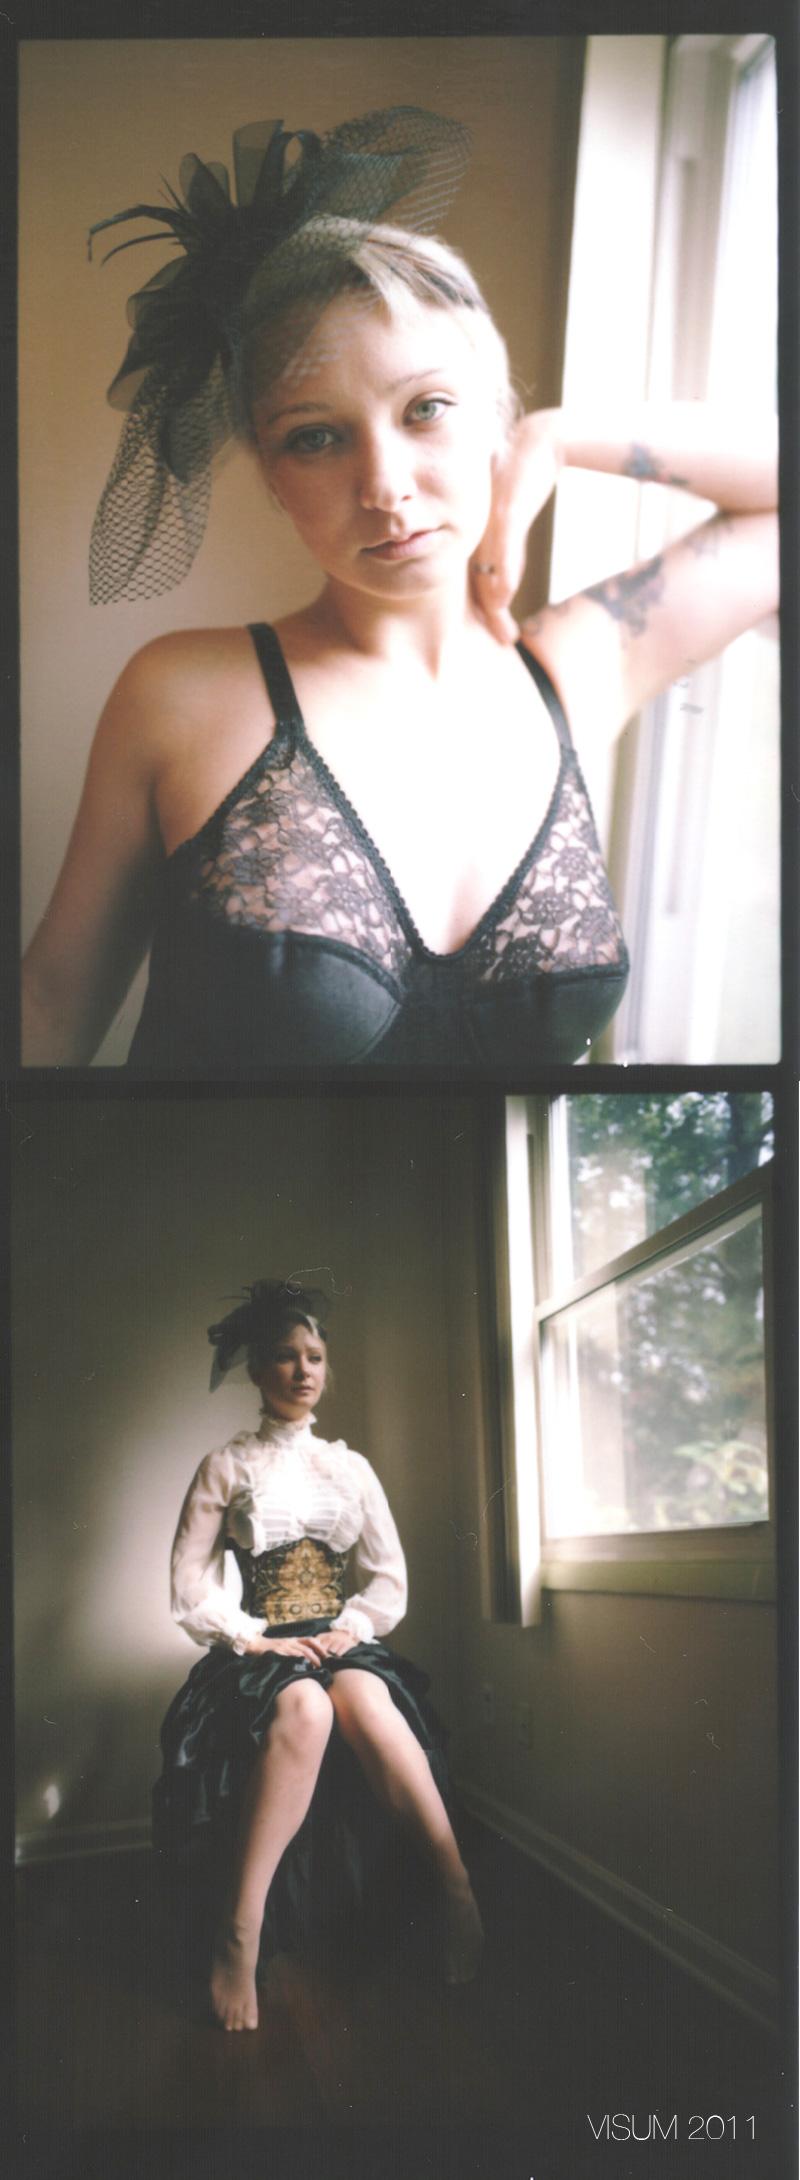 Vintage Visions by LiiLiiFish